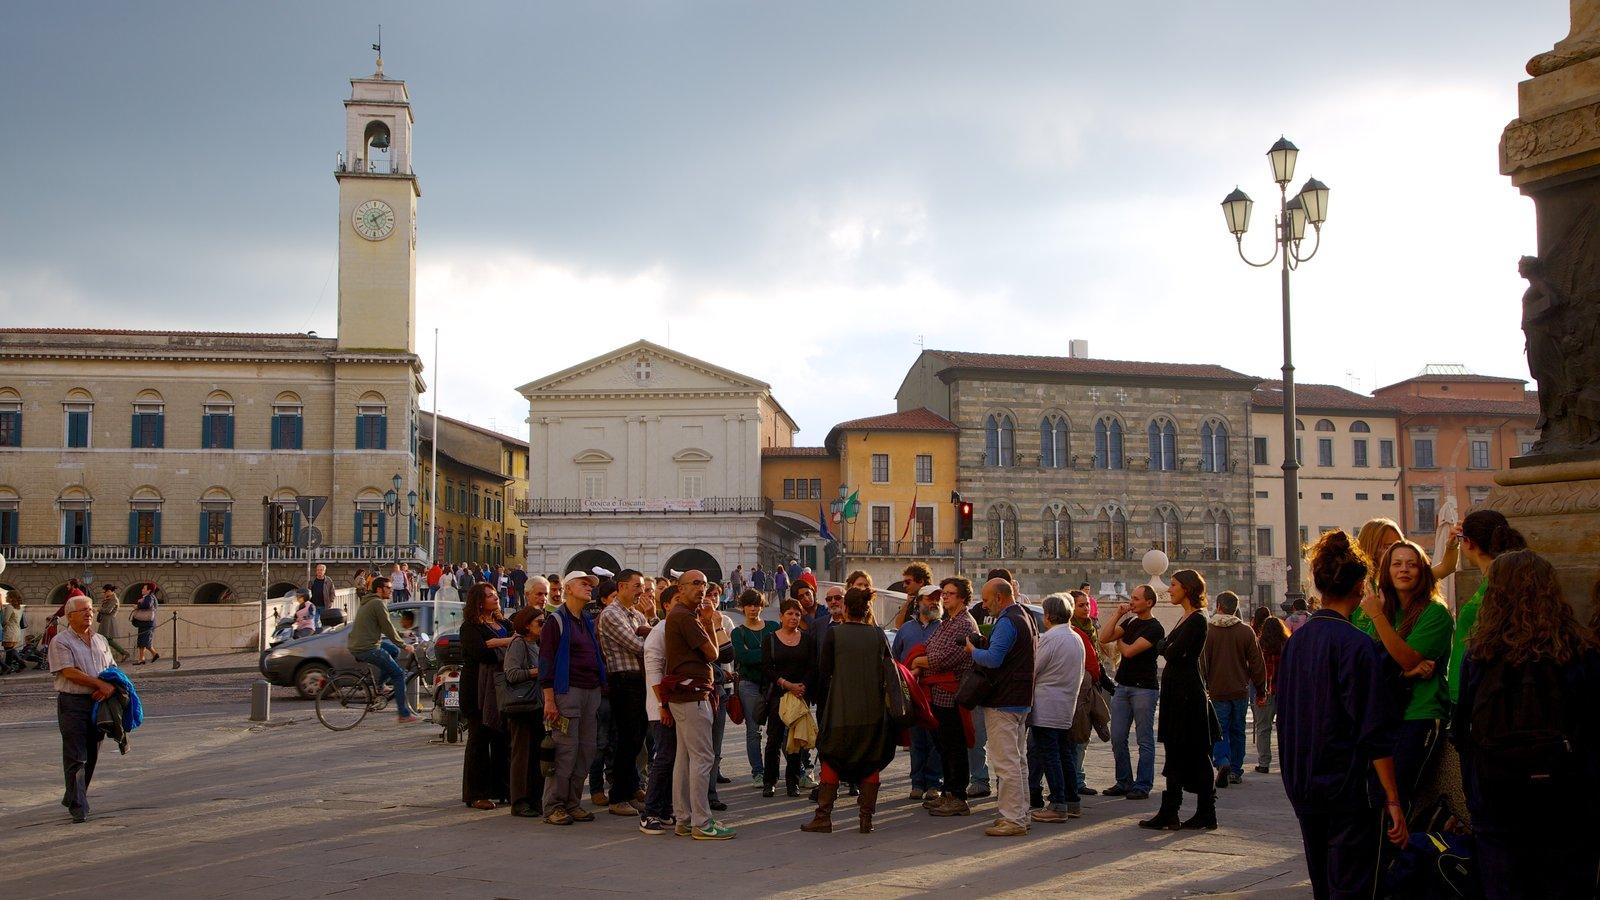 Palazzo Pretorio which includes a city, a square or plaza and heritage architecture